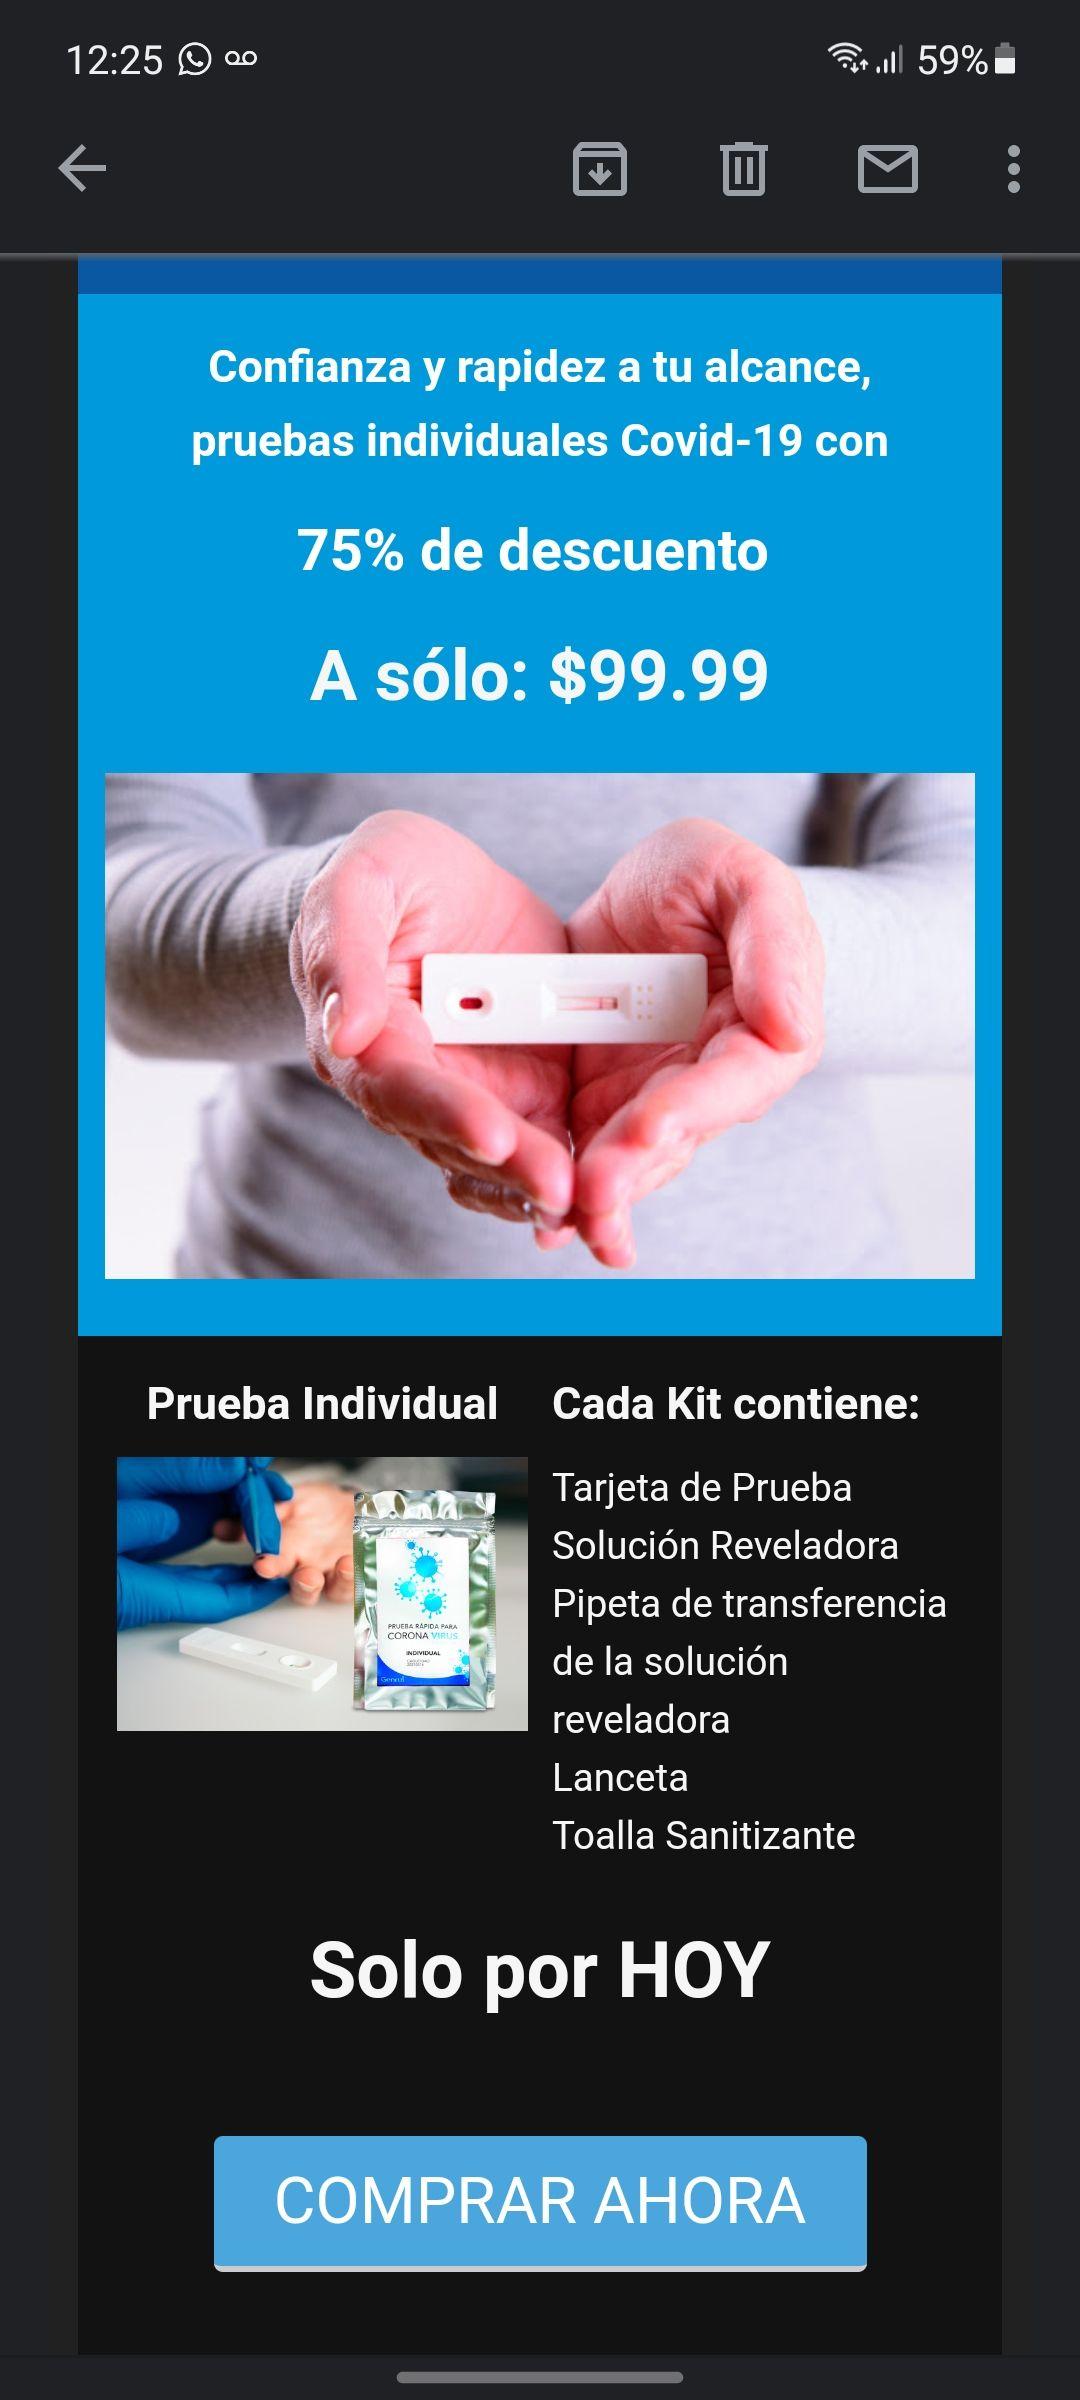 Waldo's Solo por hoy Pruebas individuales COVID a solo $99